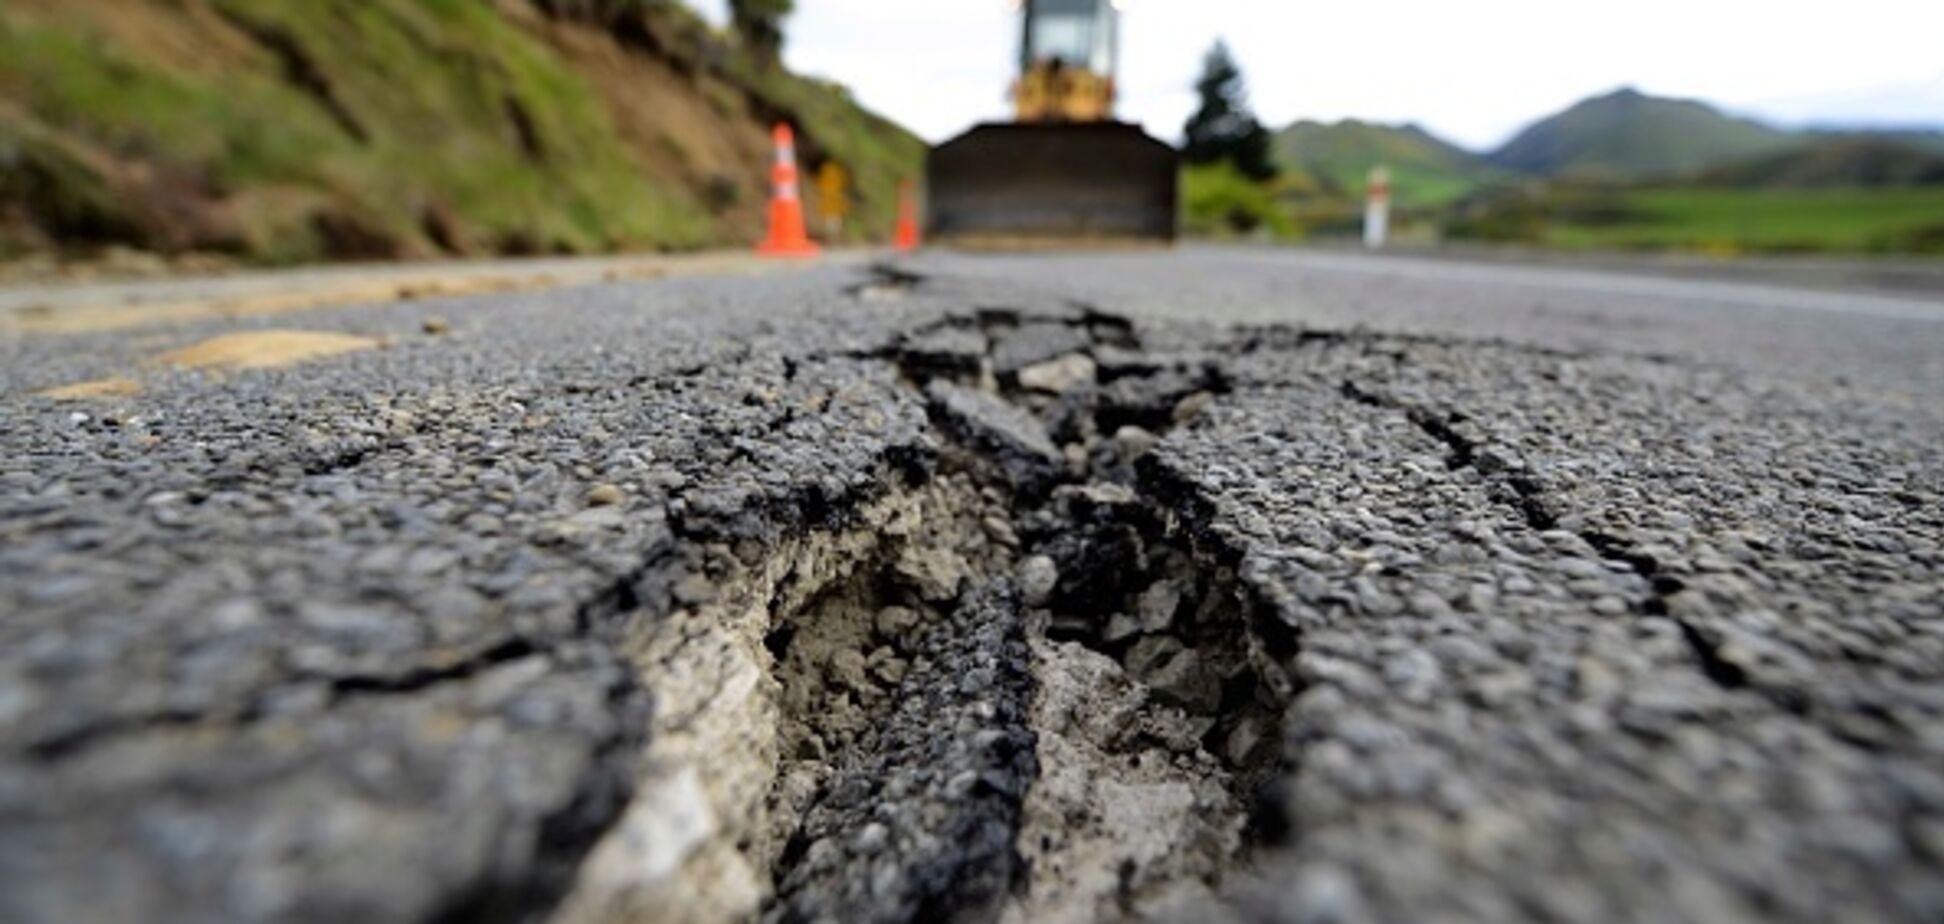 Ремонт дорог в Украине: стало известно, сколько миллионов потрачено в 2018 году